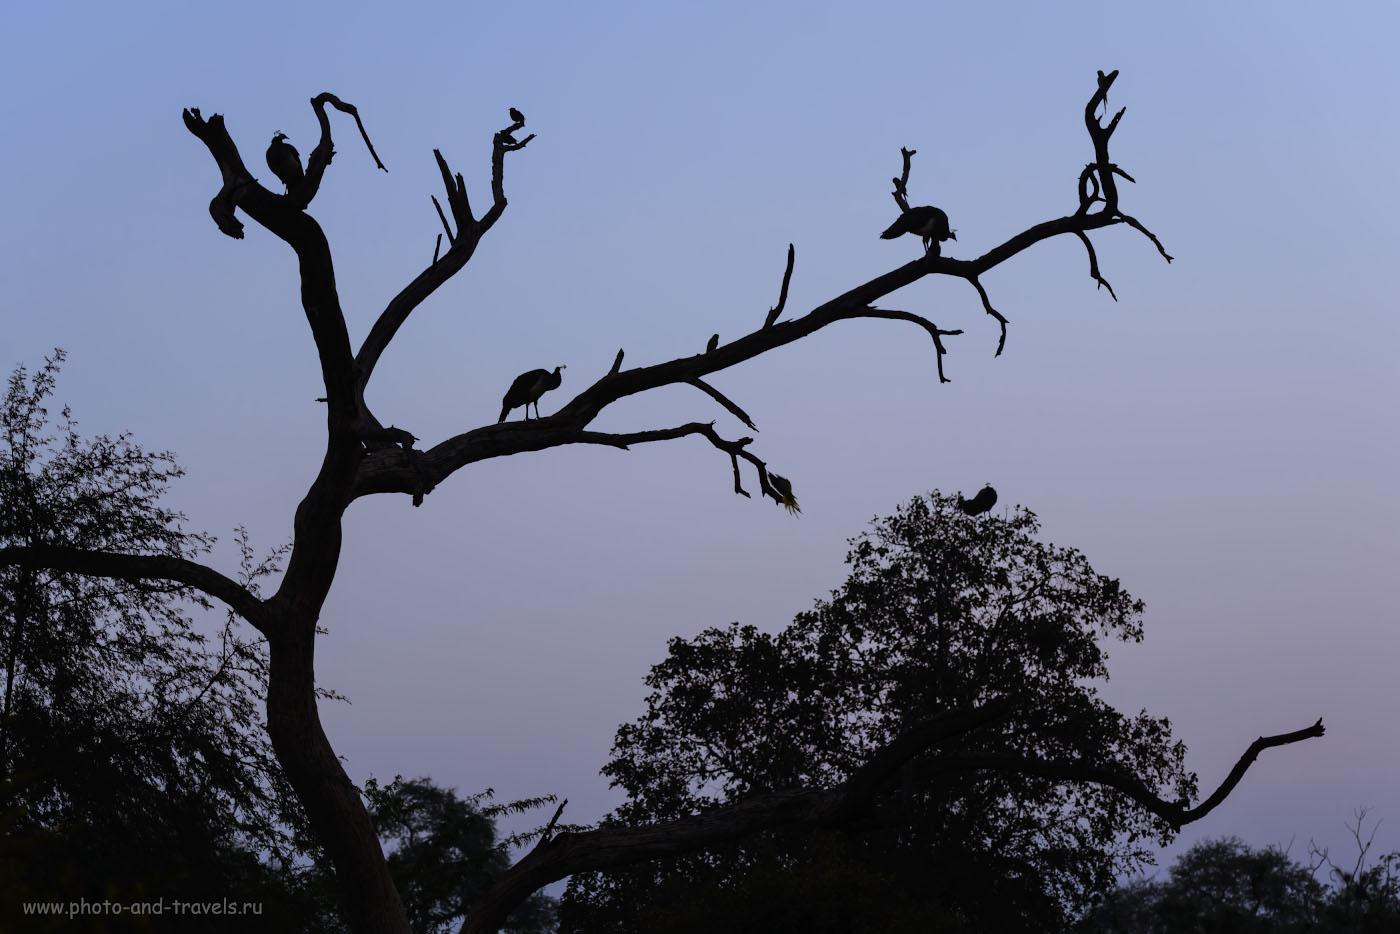 Фото 1. Фотоохота на павлинов в парке Кеоладео. Отзывы туристов о самостоятельных экскурсиях. Выдержка 1/200 сек, экспокоррекция +0.33EV, f/4.0, ISO 720, фокусное расстояние 100 мм.